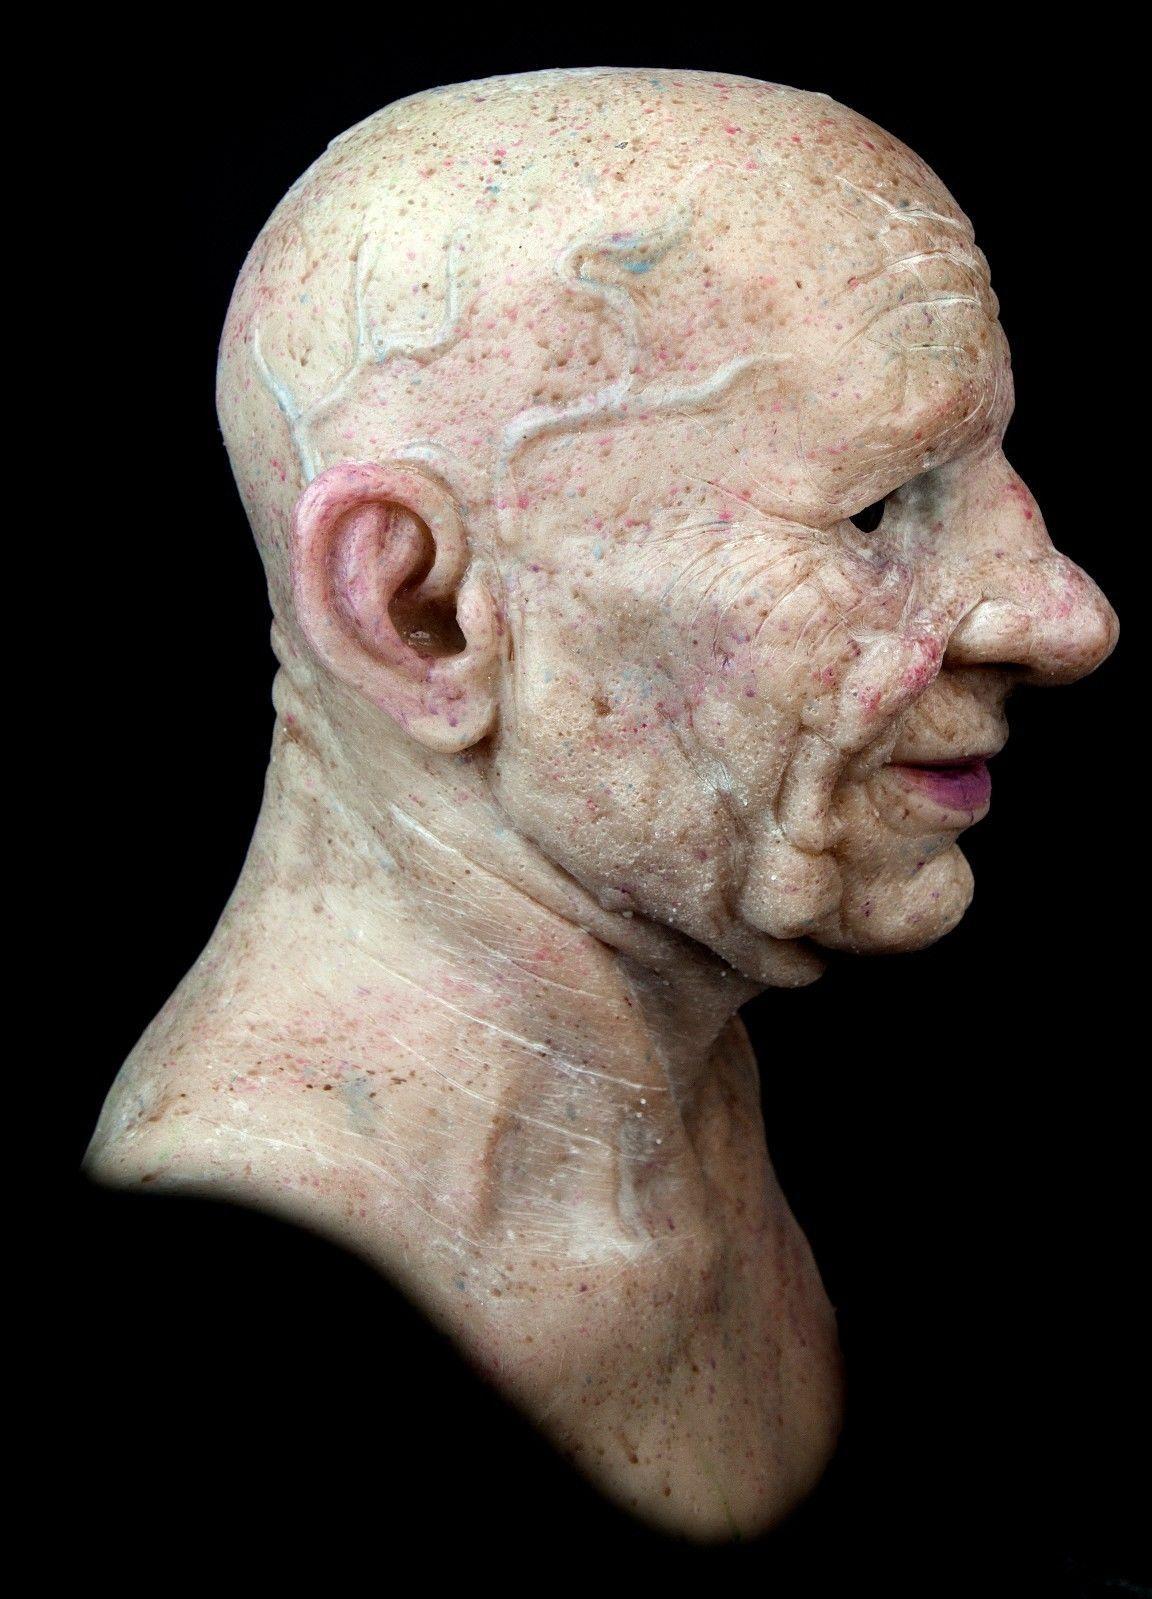 Warts on old skin. Îndepărtarea de Tag-uri pielii - Fibroepithelial papilloma polyp